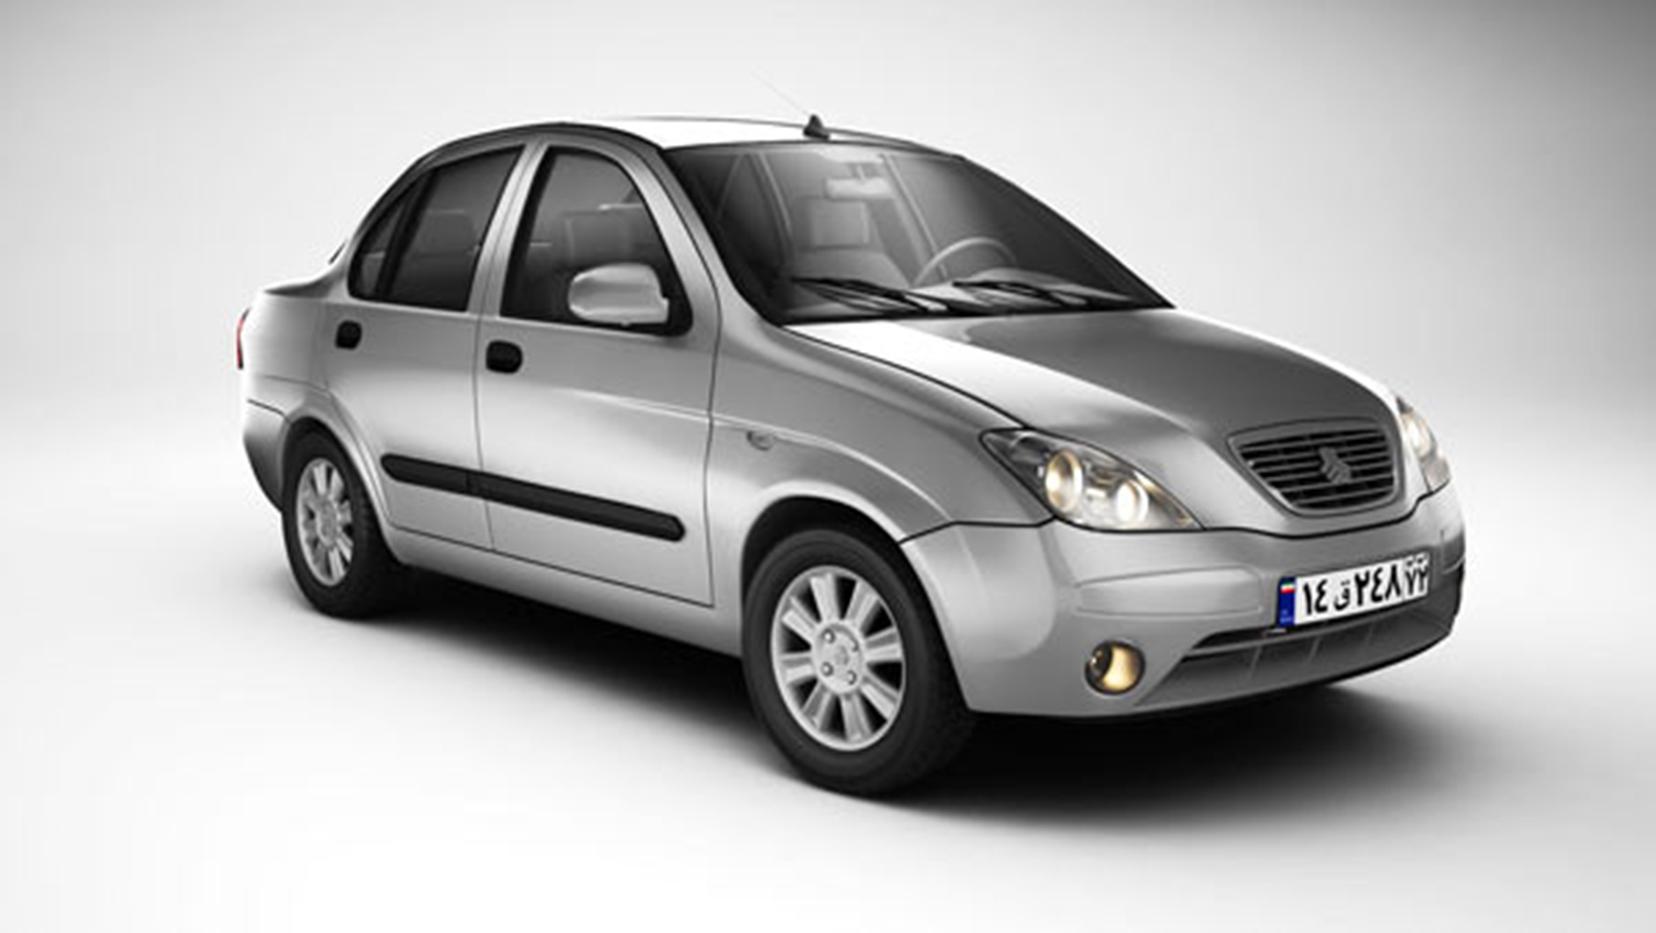 تیبا به عنوان یکی از بی کیفیت ترین خودروهای ایران شناخته شد